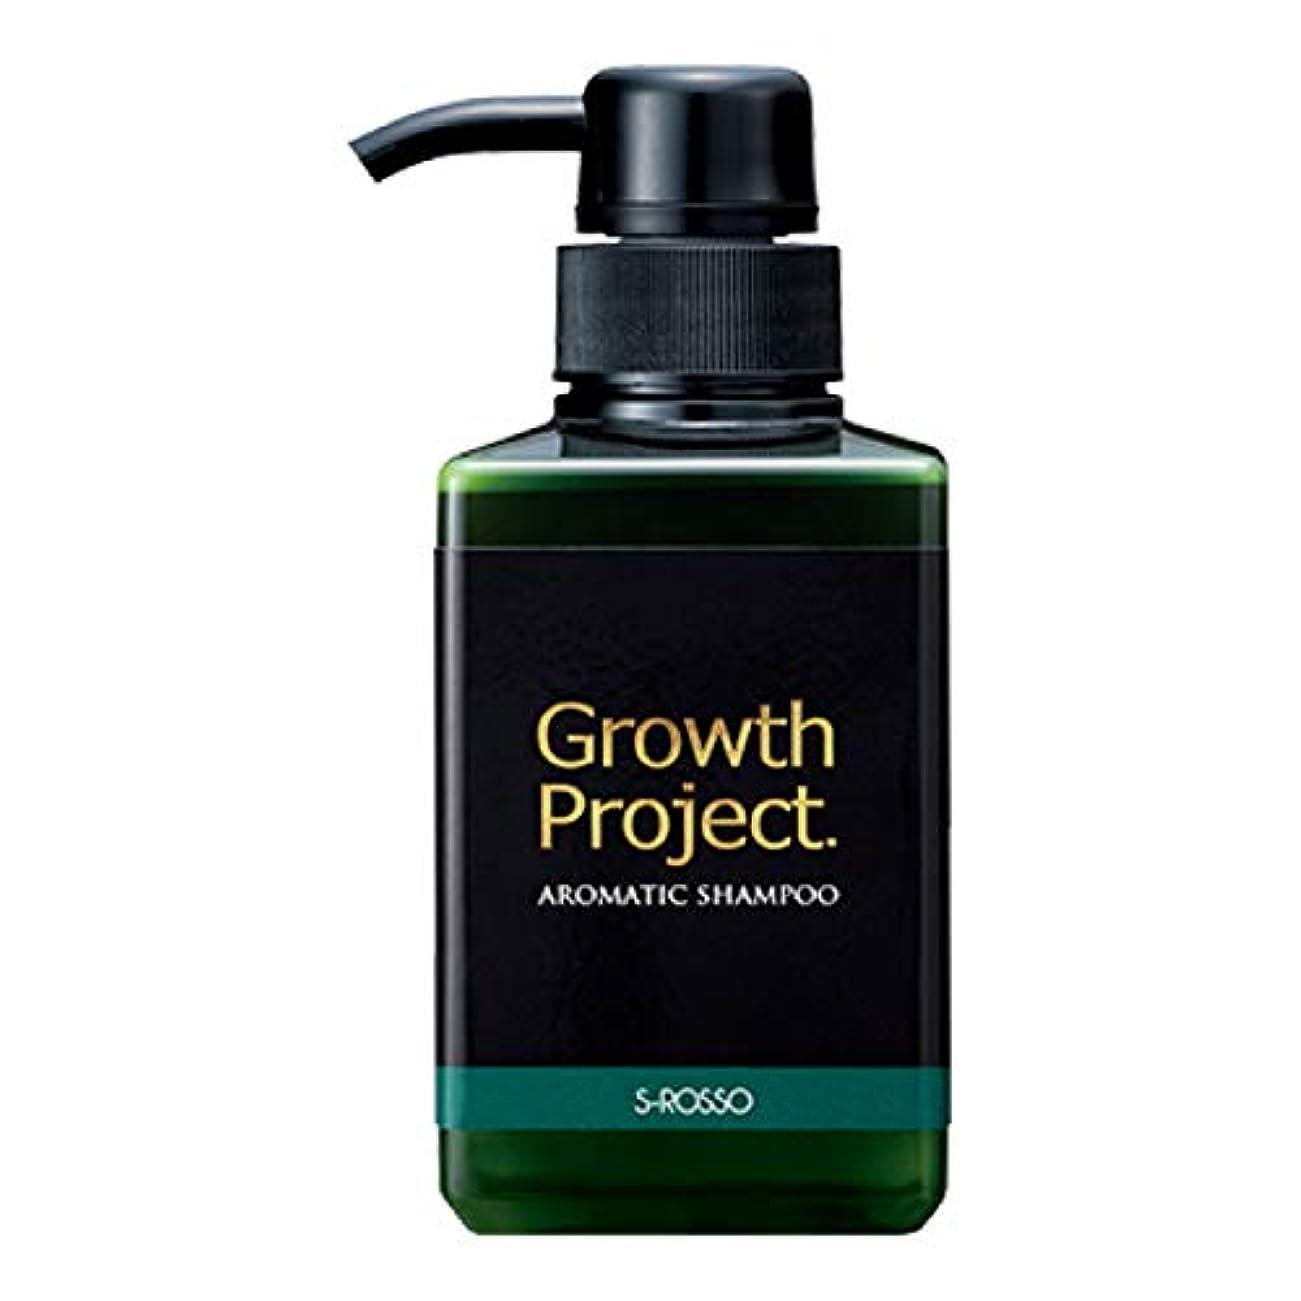 原油簡単なに対応するGrowth Project. アロマシャンプー 300ml